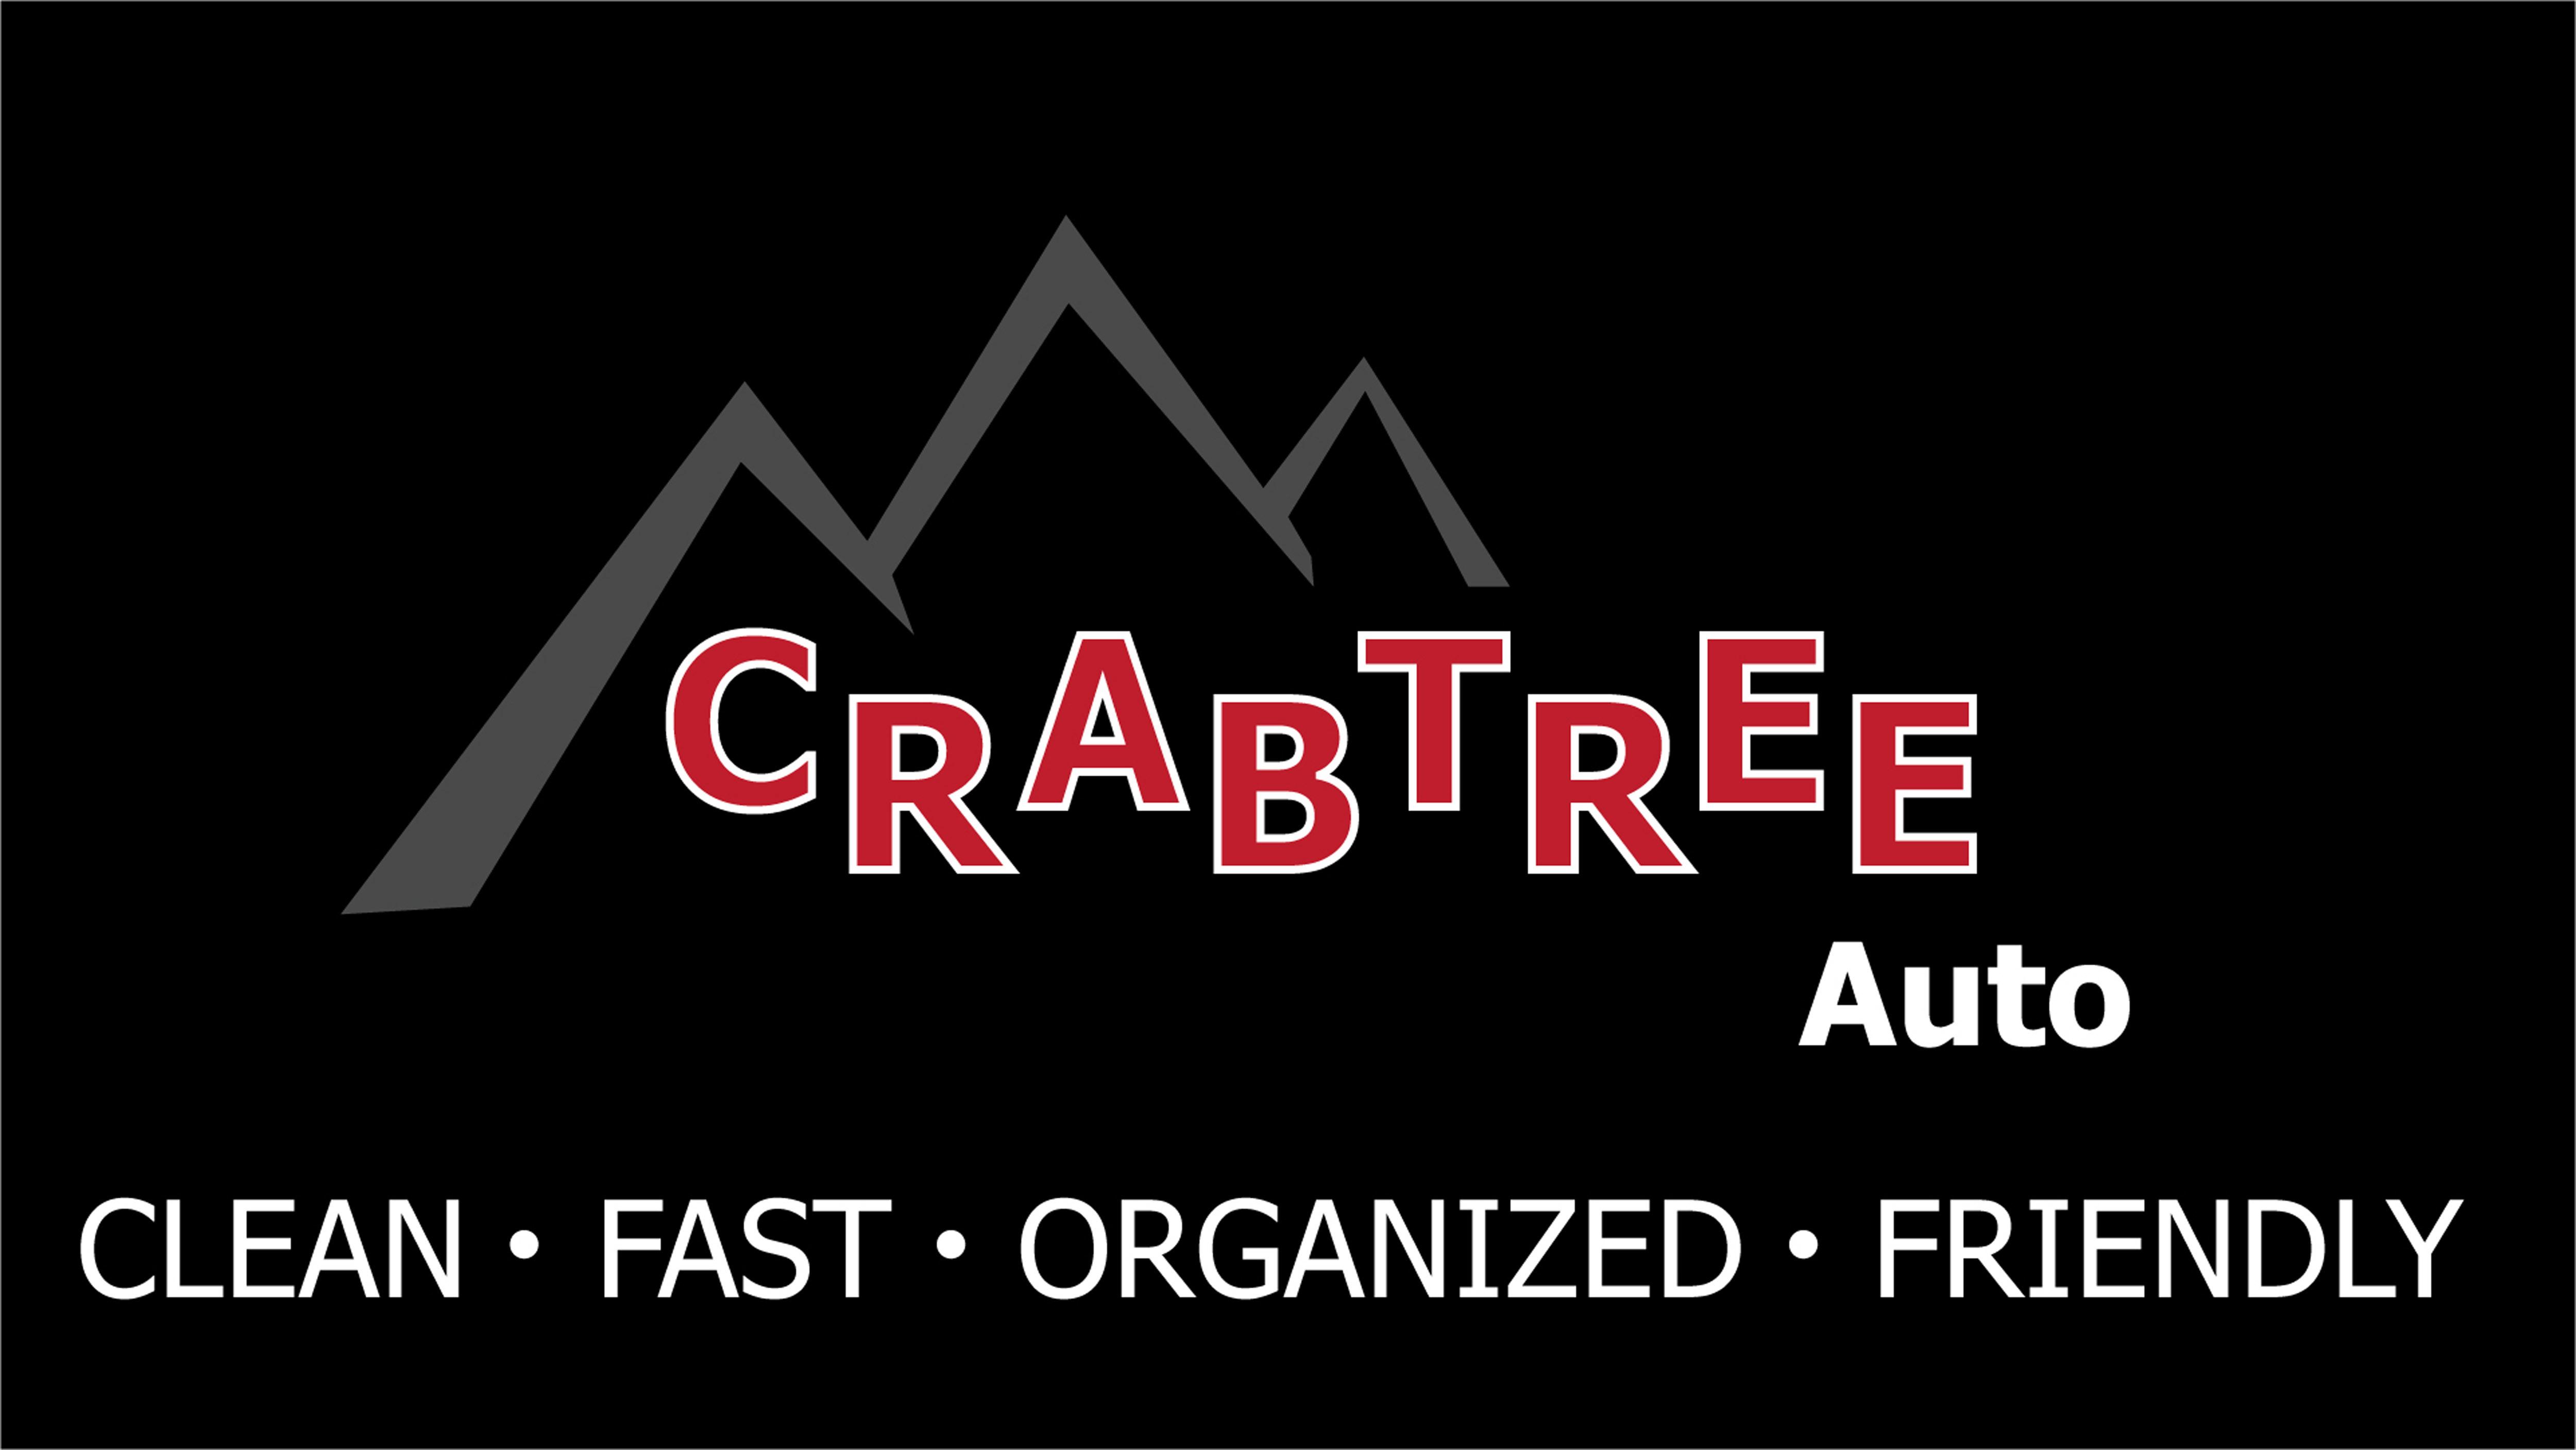 Crabtree Auto Ogden Utah Ut Localdatabase Com